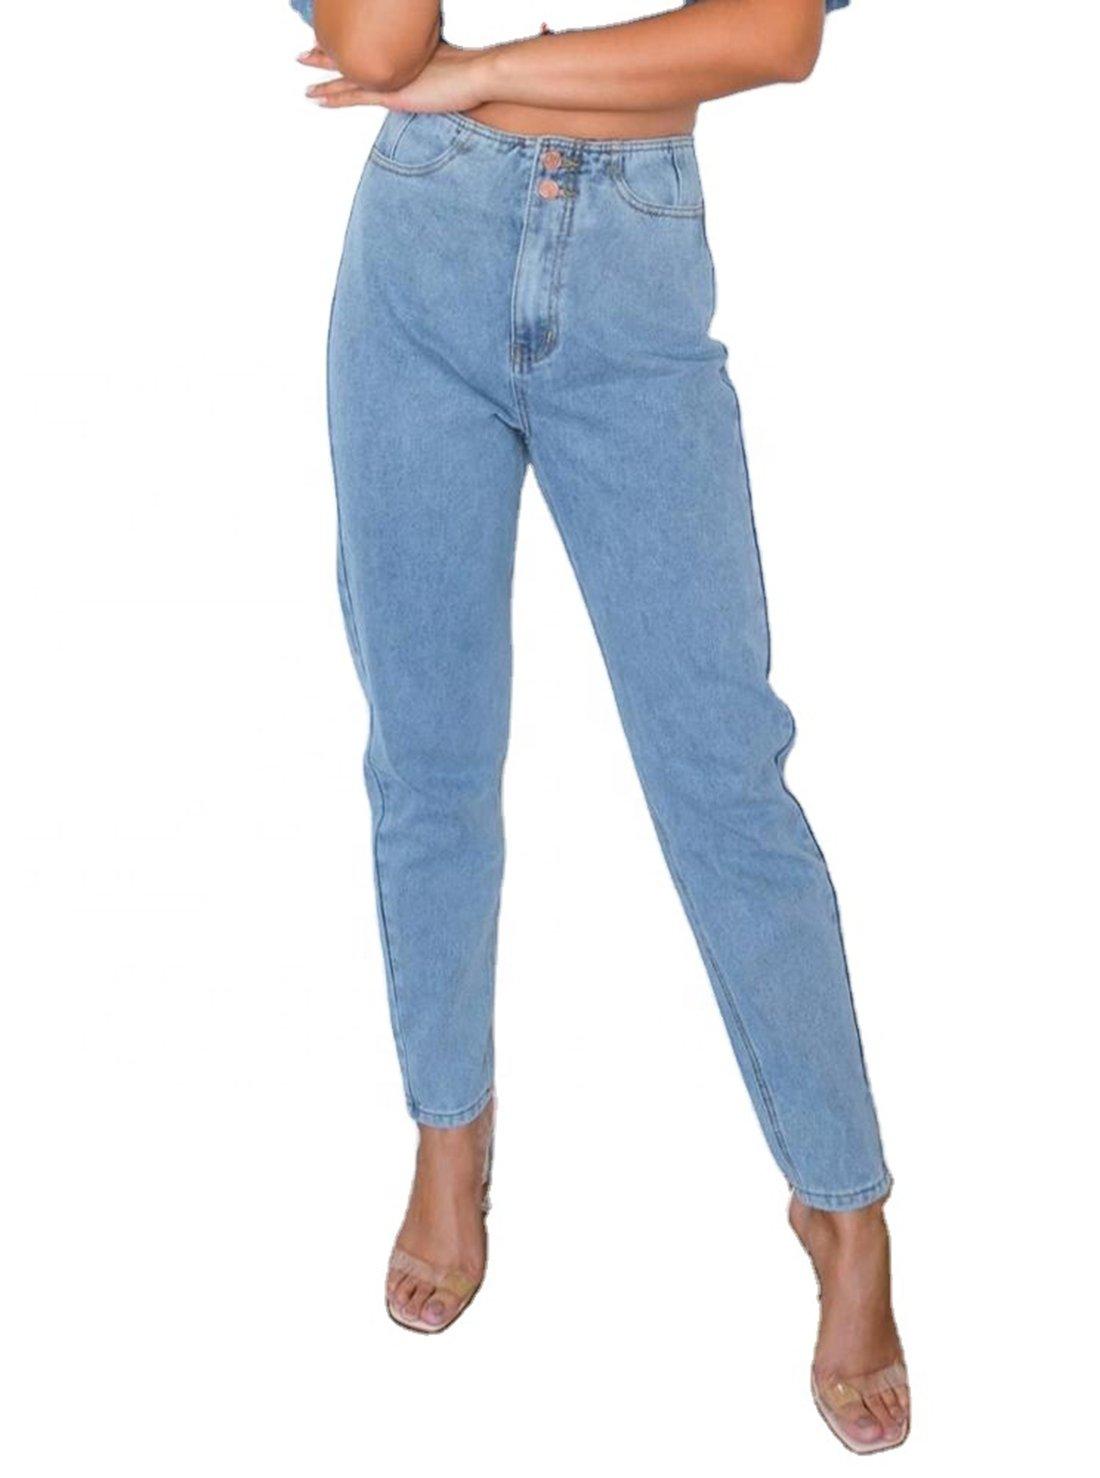 Elastic Ladies' Jeans